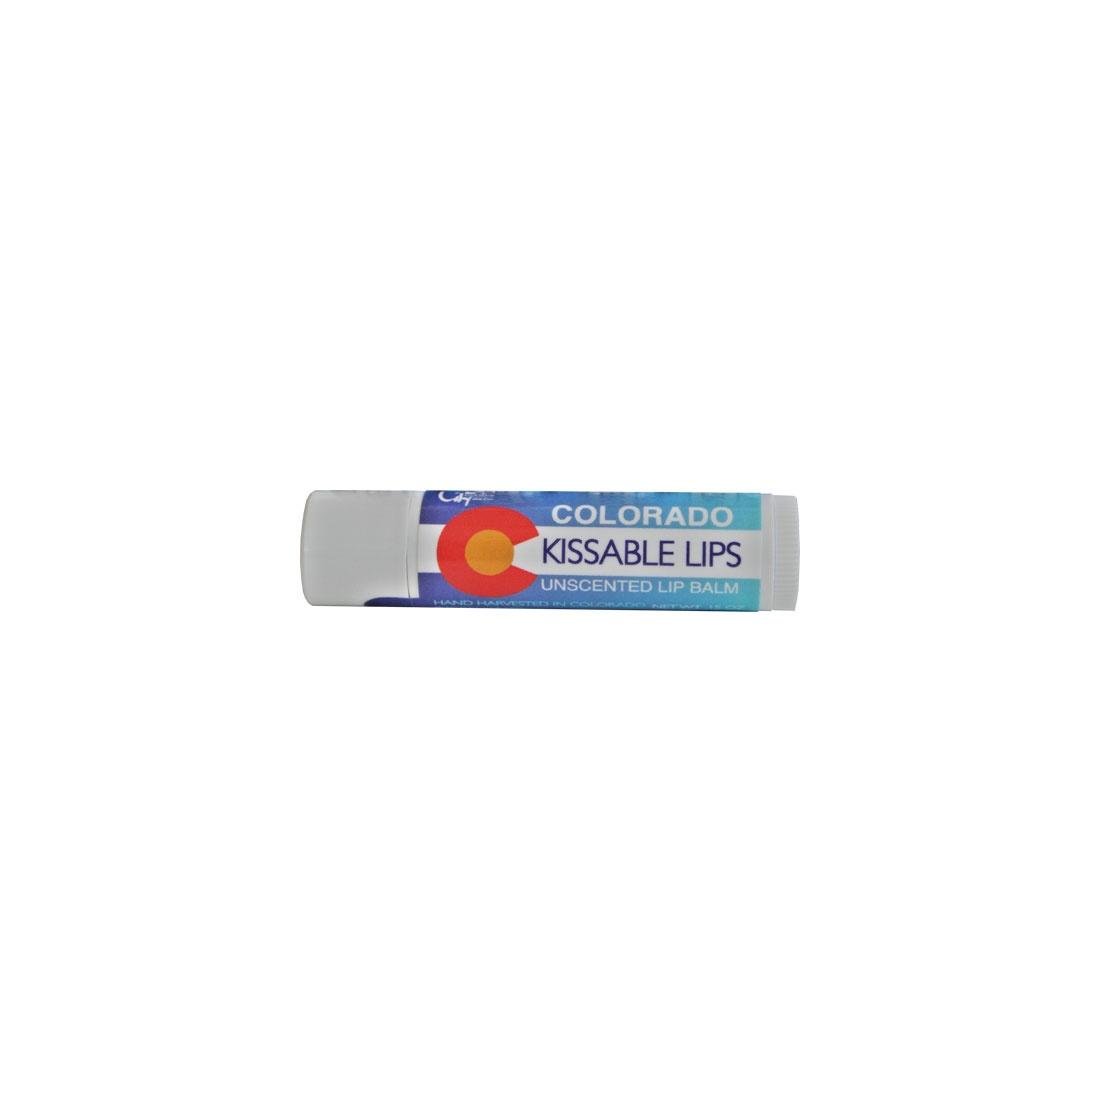 Colorado Kissable Lips Unscented Lip Balm